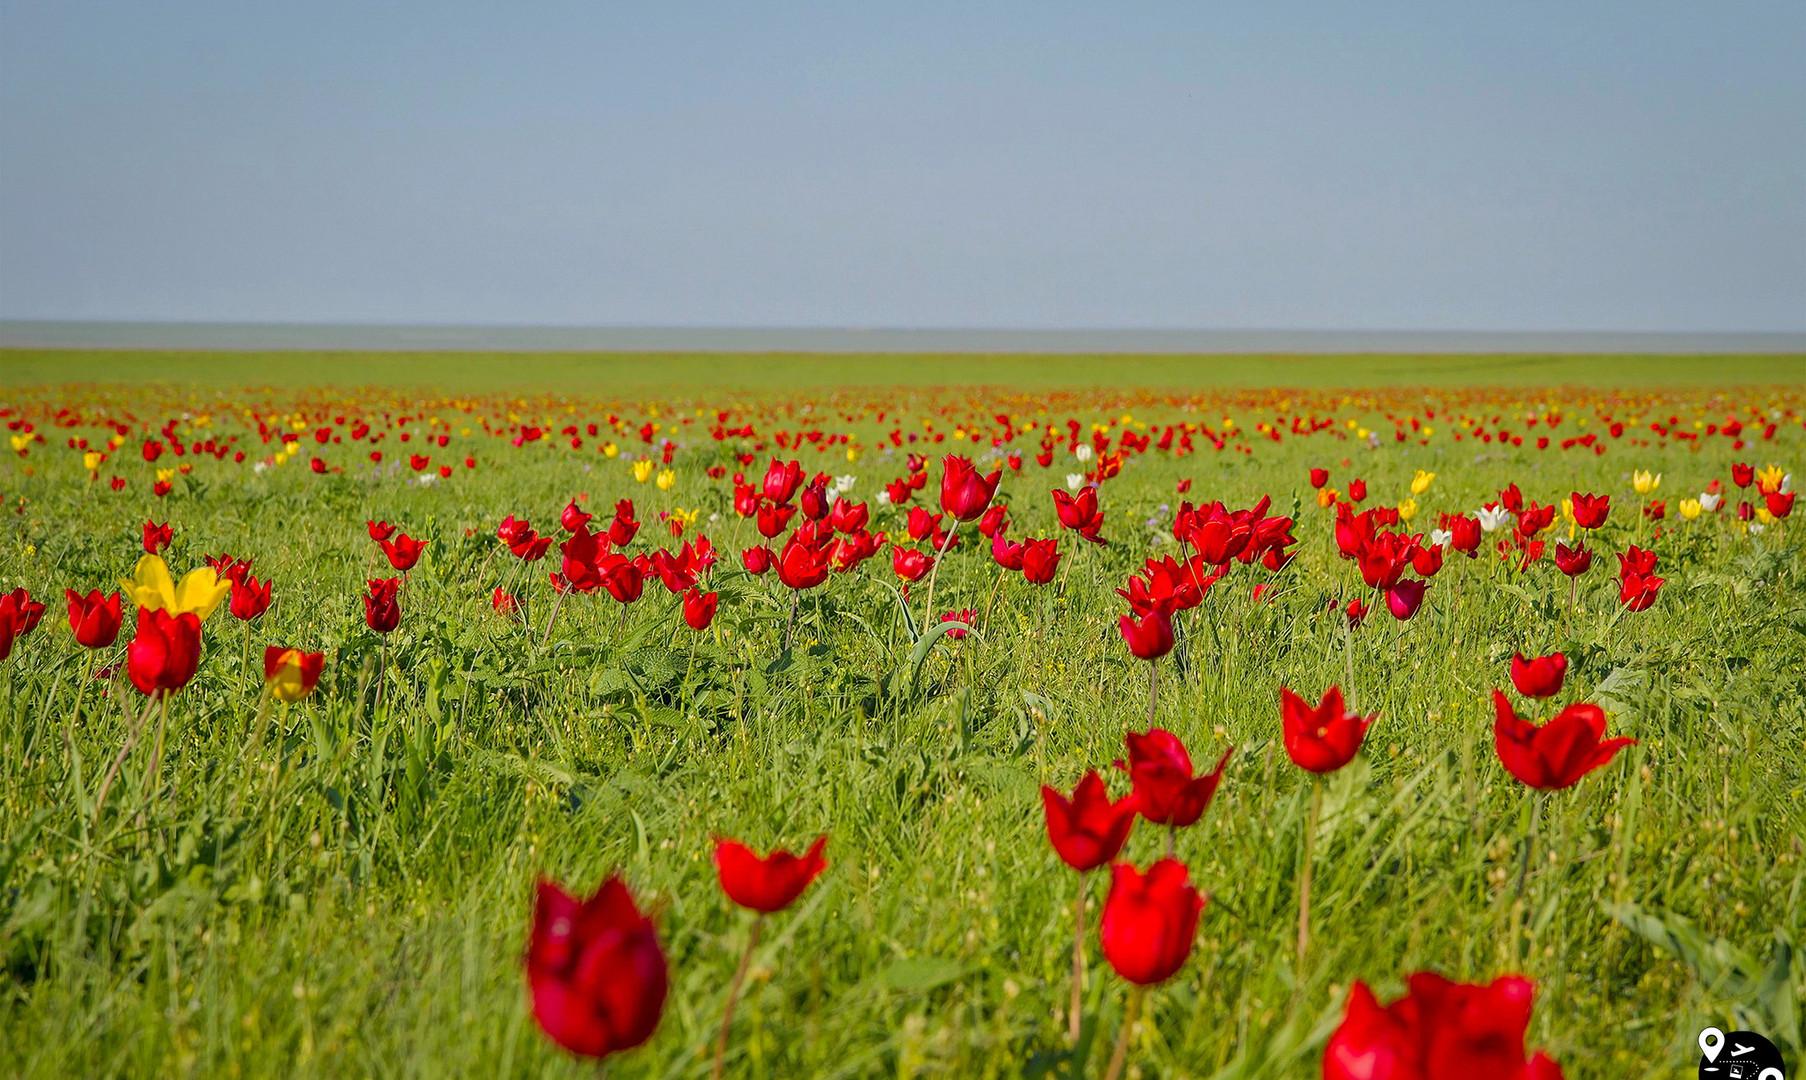 Цветущие дикие тюльпаны на озере Маныч-Гудило